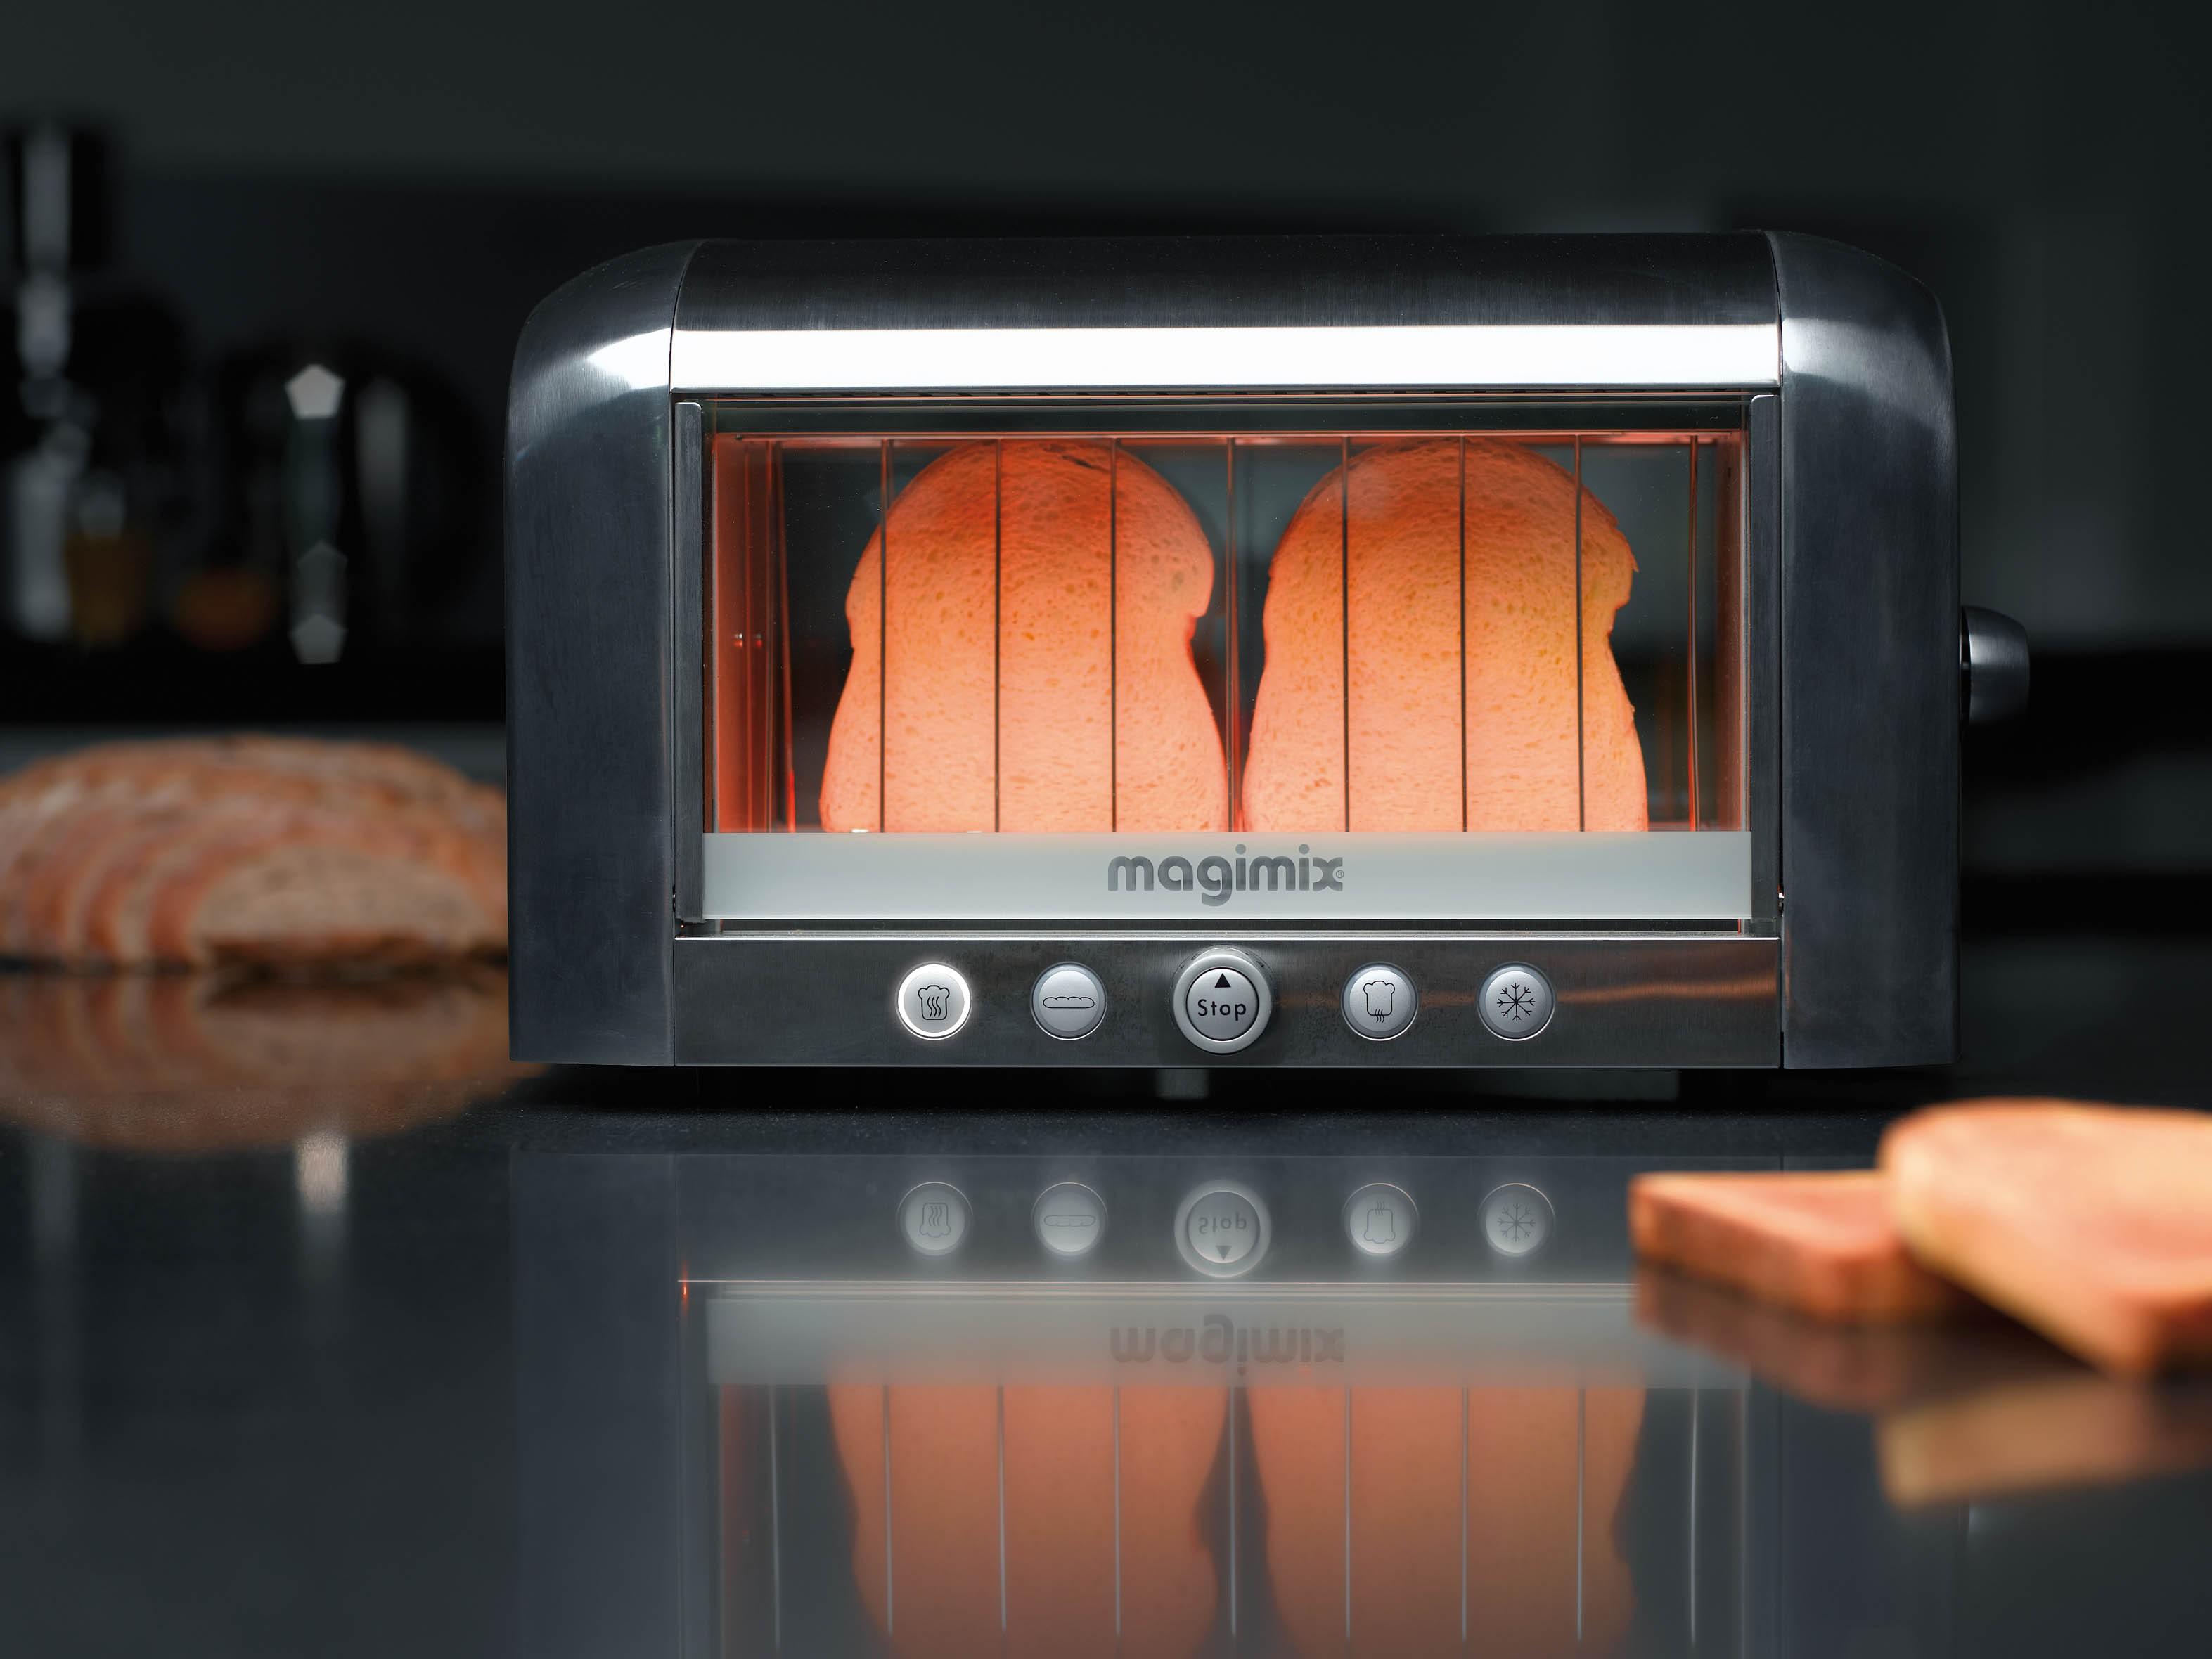 toaster vision noir magimix. Black Bedroom Furniture Sets. Home Design Ideas